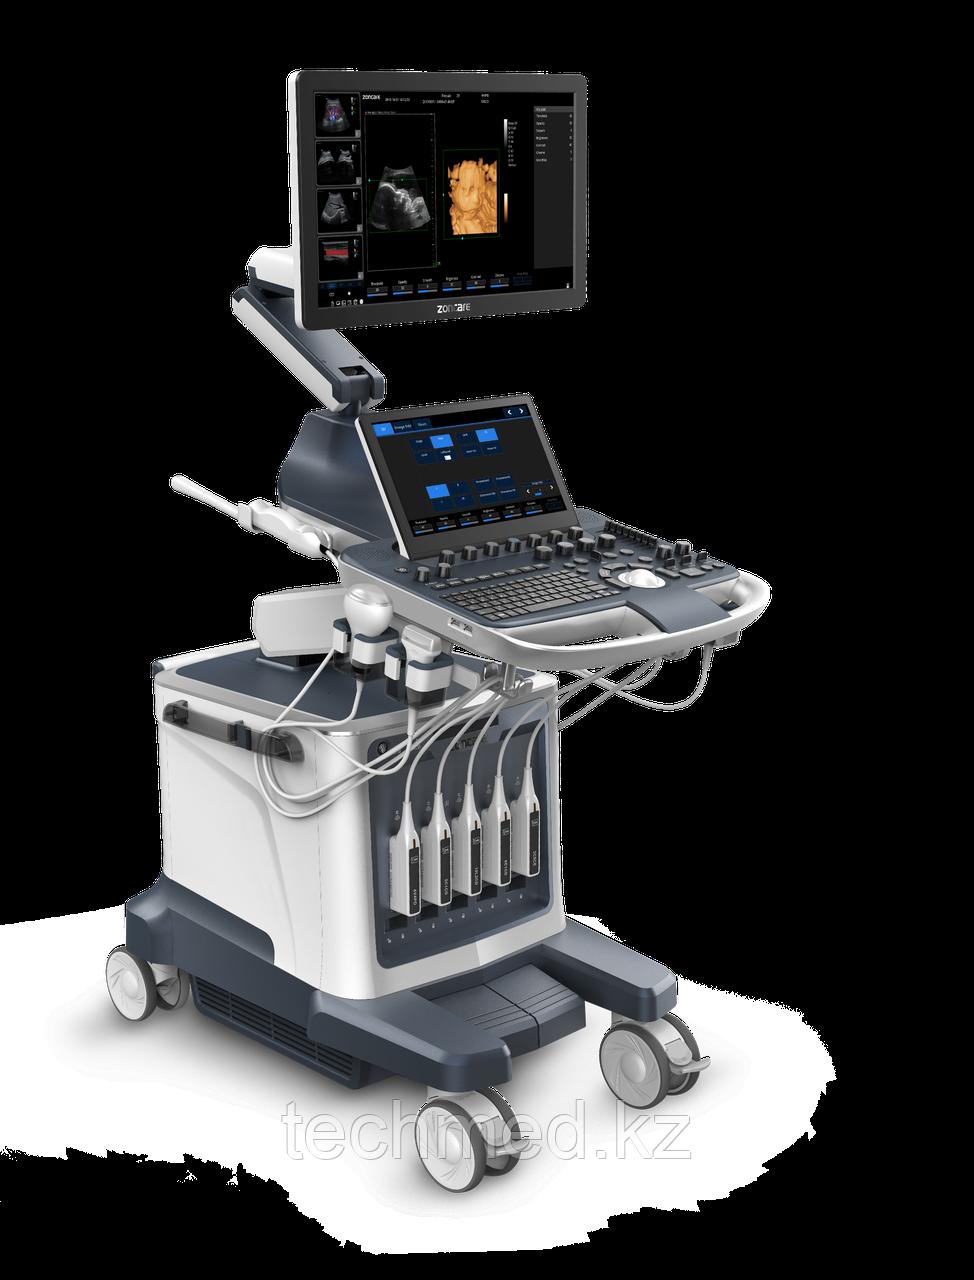 УЗИ Сканер  Zoncare Q9 -  Полностью цифровая допплеровская диагностическая система Премиум класса